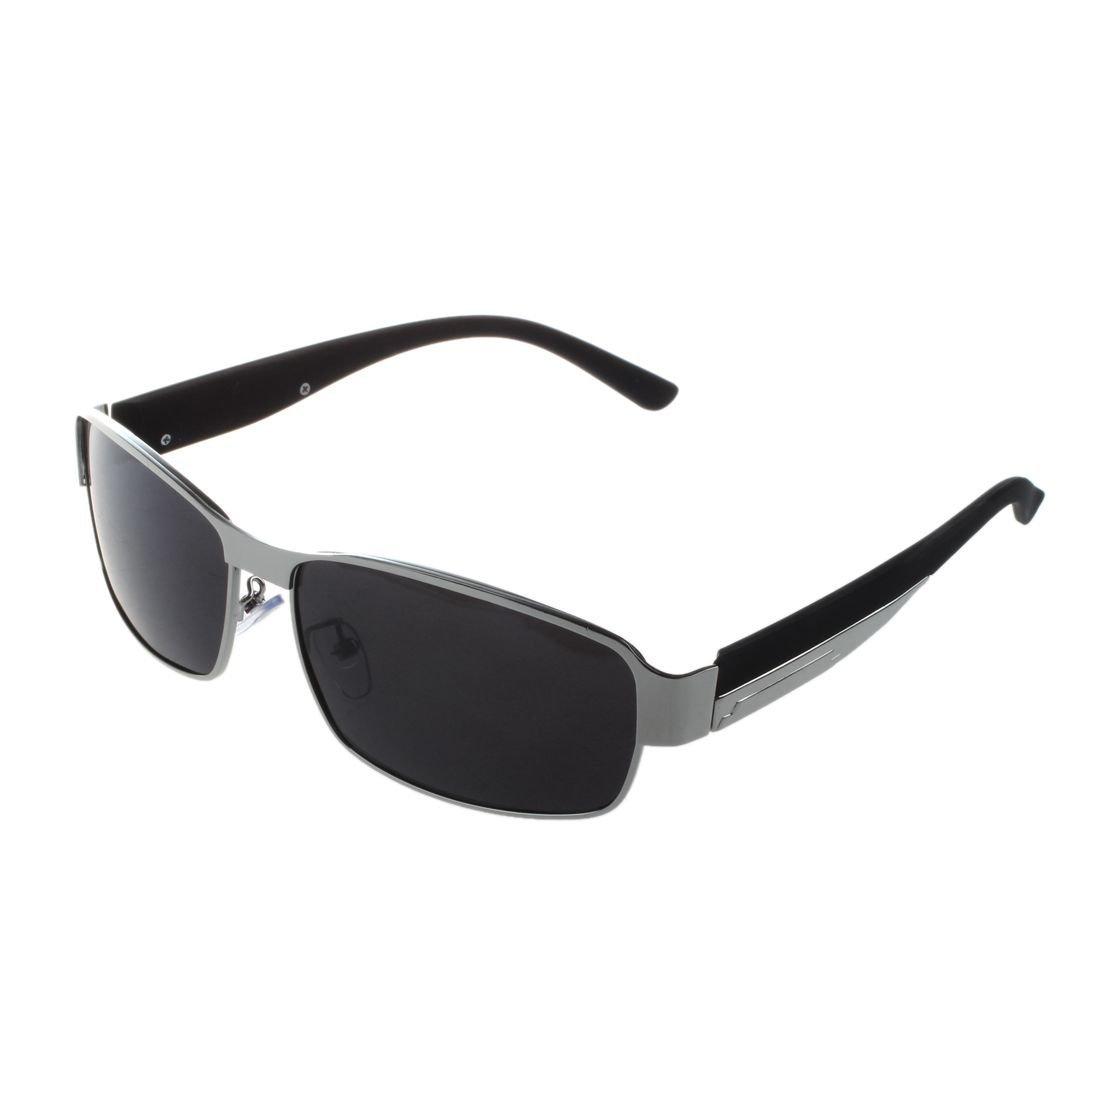 SODIAL R Silber Fashion Driving Glaeser polarisierte Maenner Sonnenbrillen Outdoor Sport Goggles Augenschutz Brille